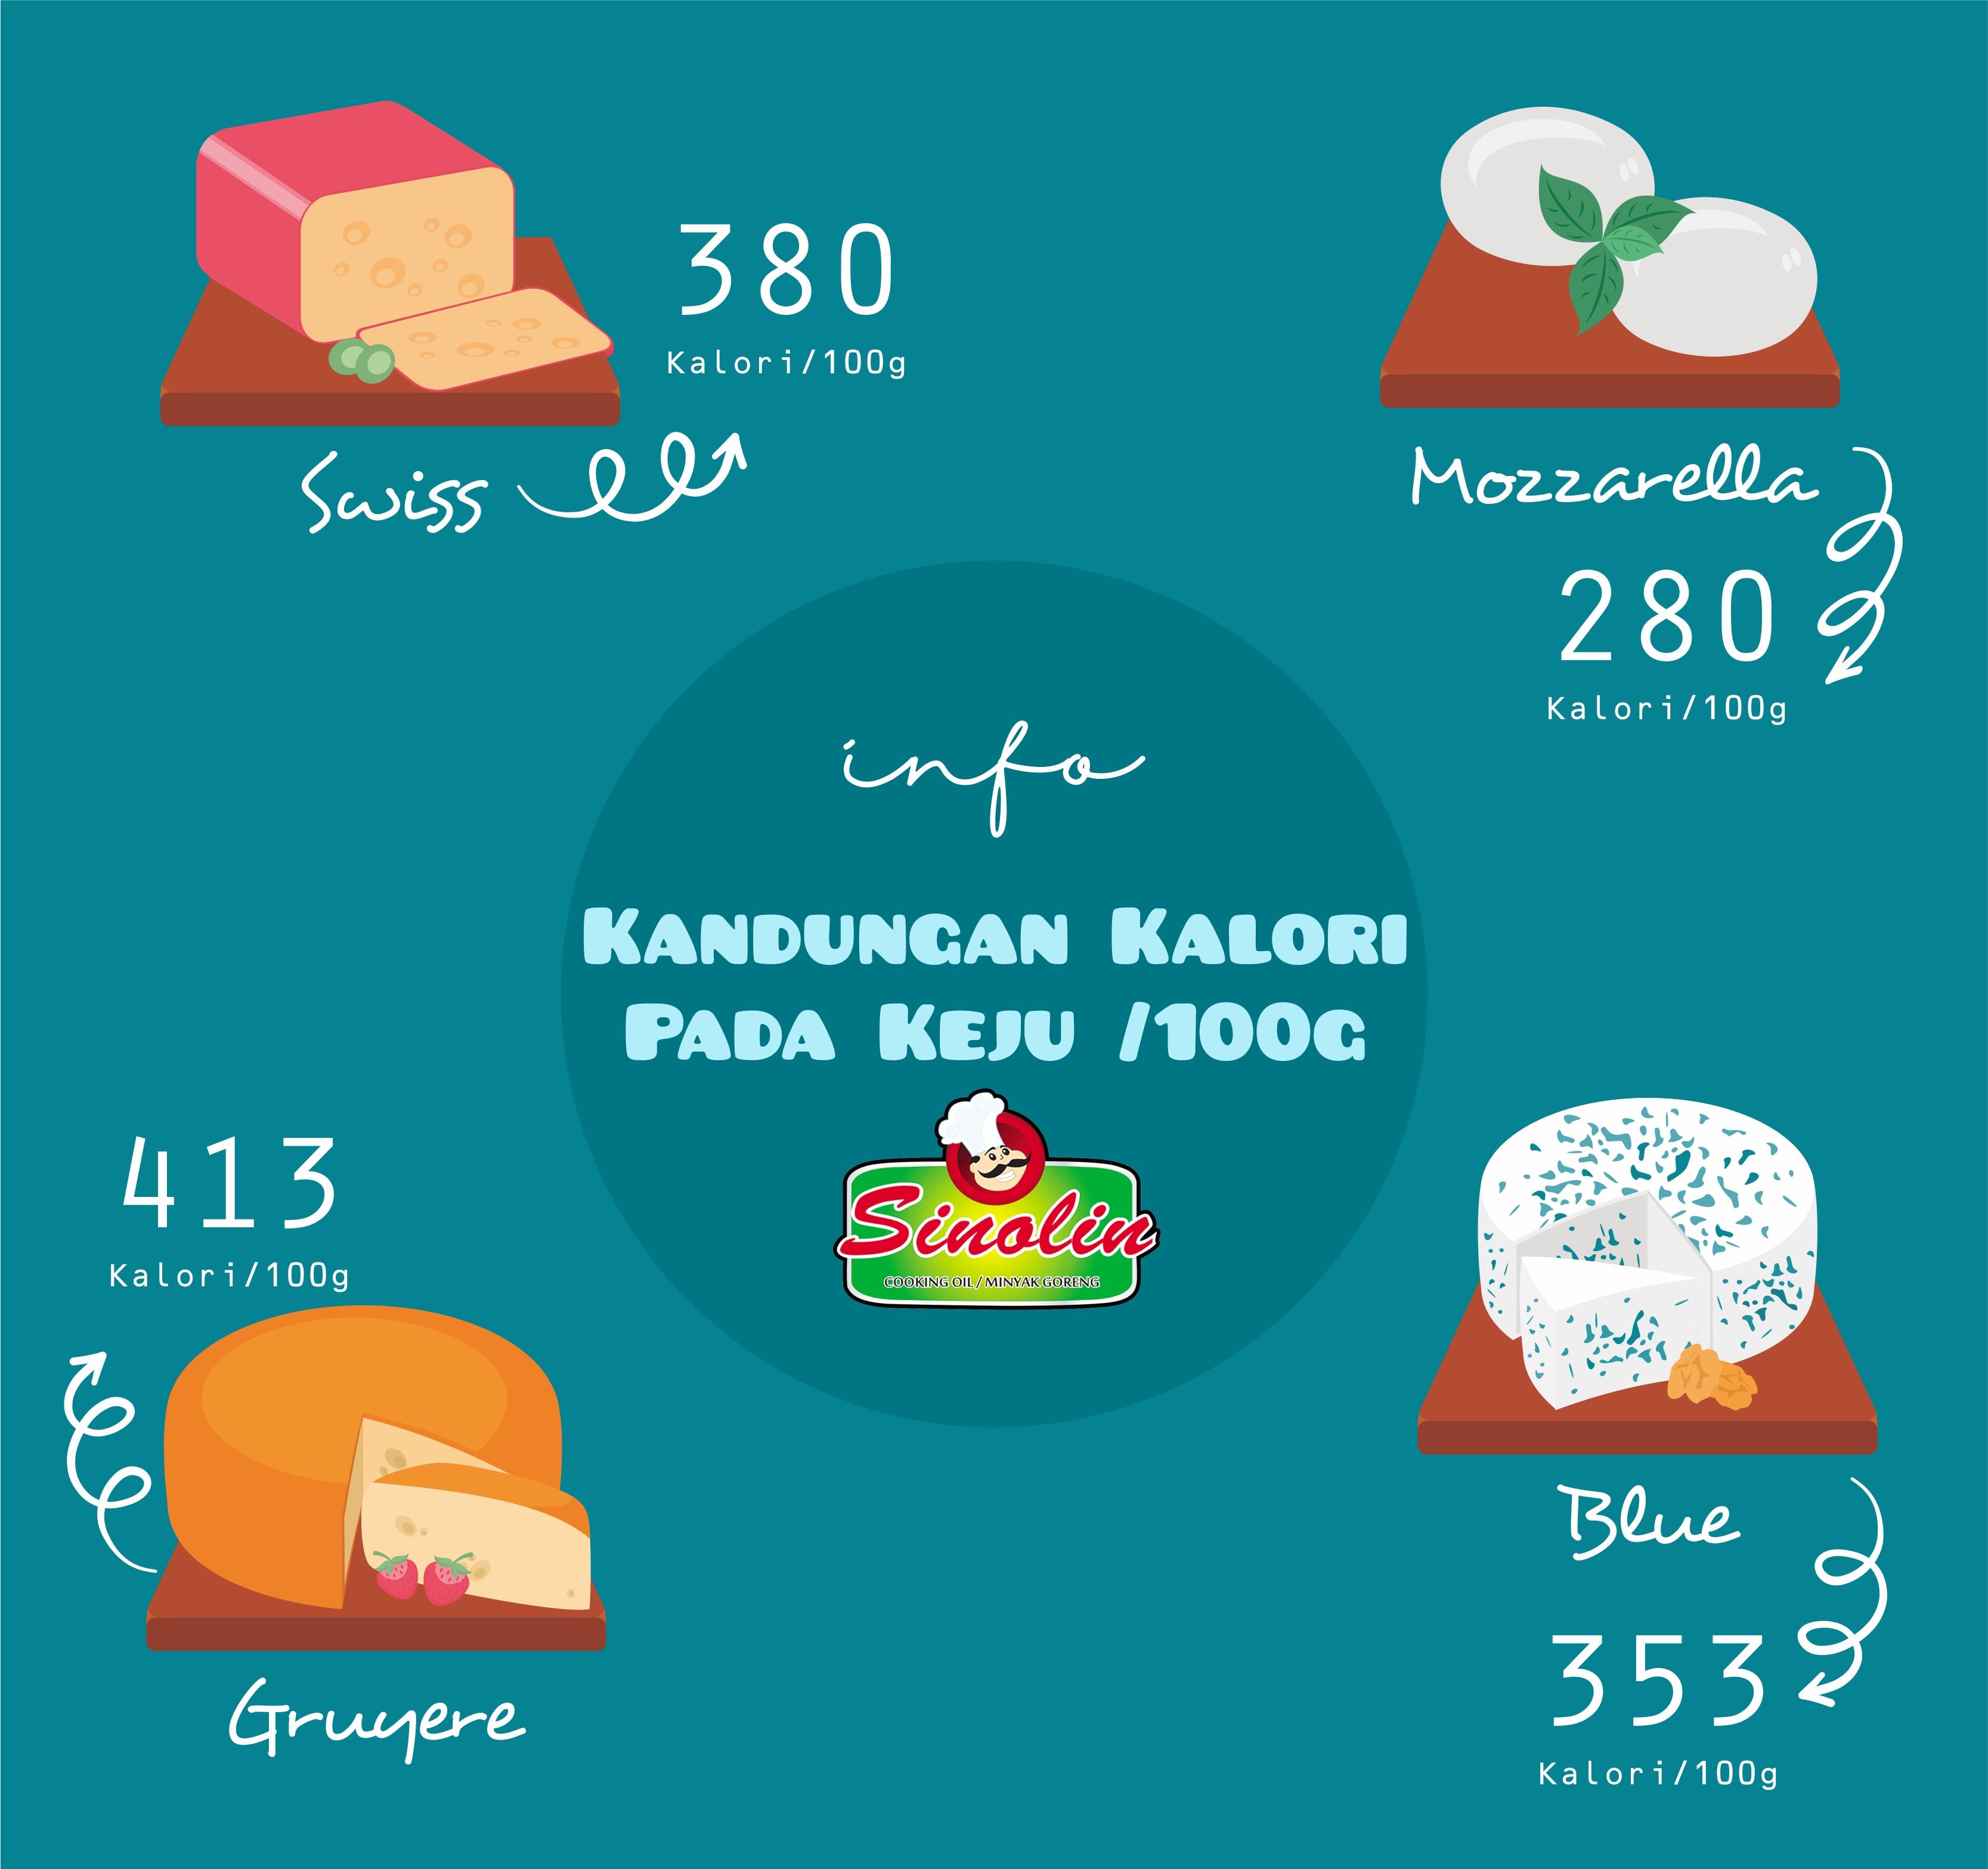 Info: Kandungan Kalori Pada Keju /100g oleh Dapur Sinolin